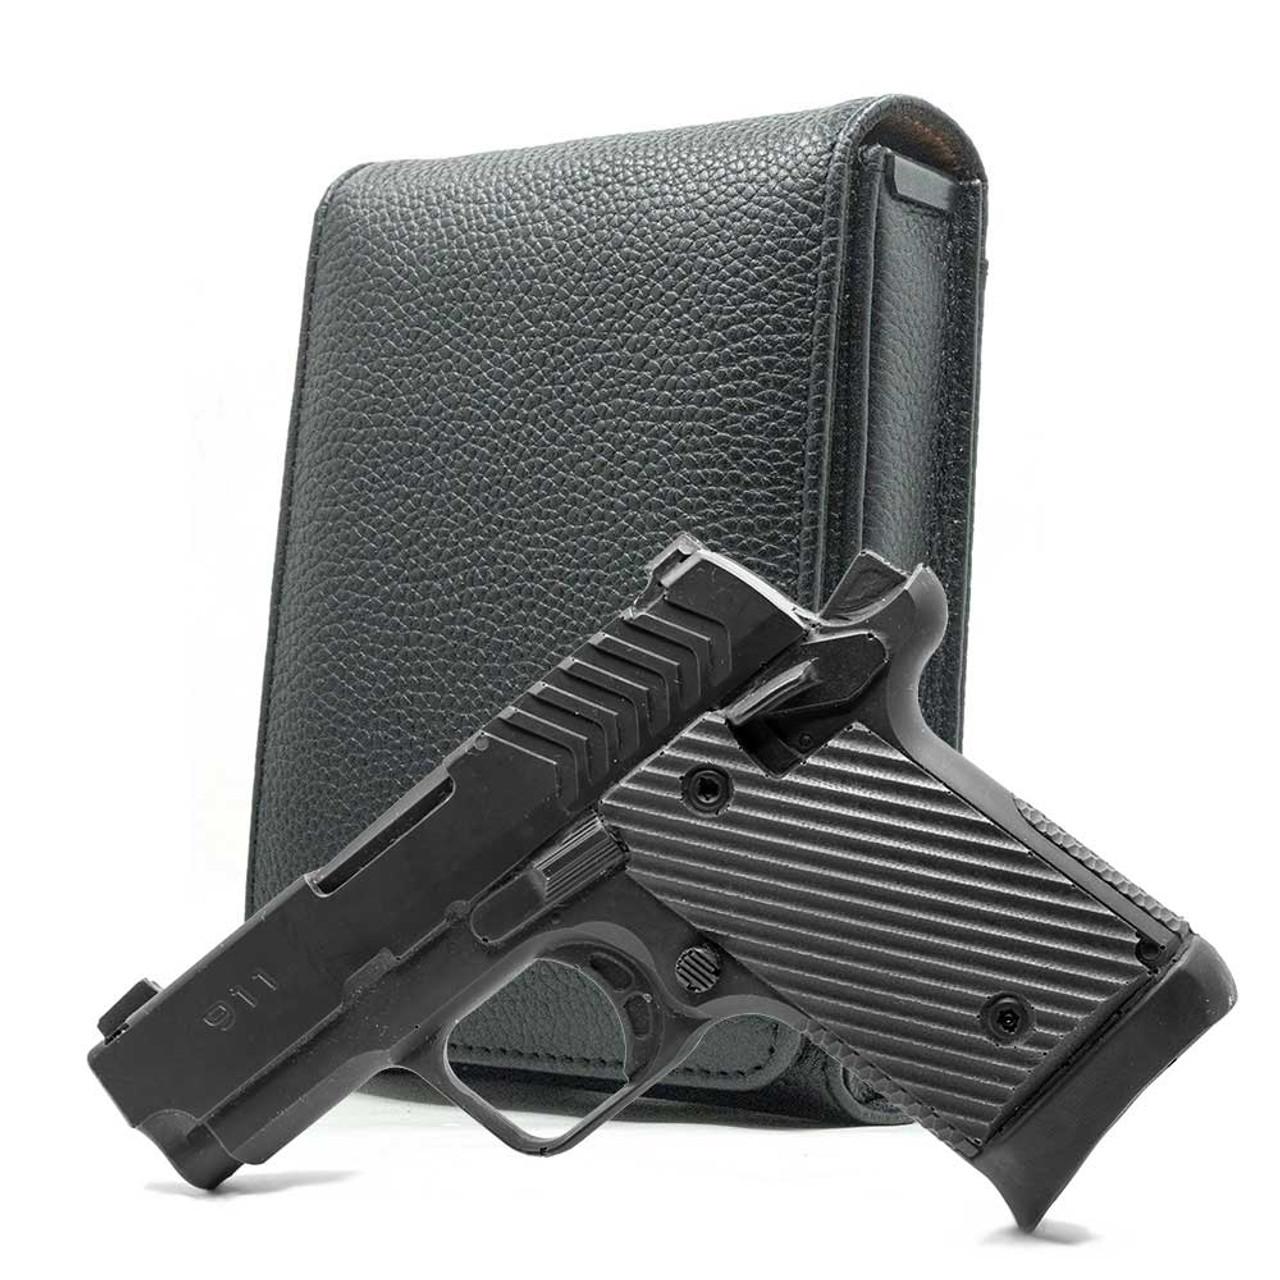 Springfield 911 9mm Holster